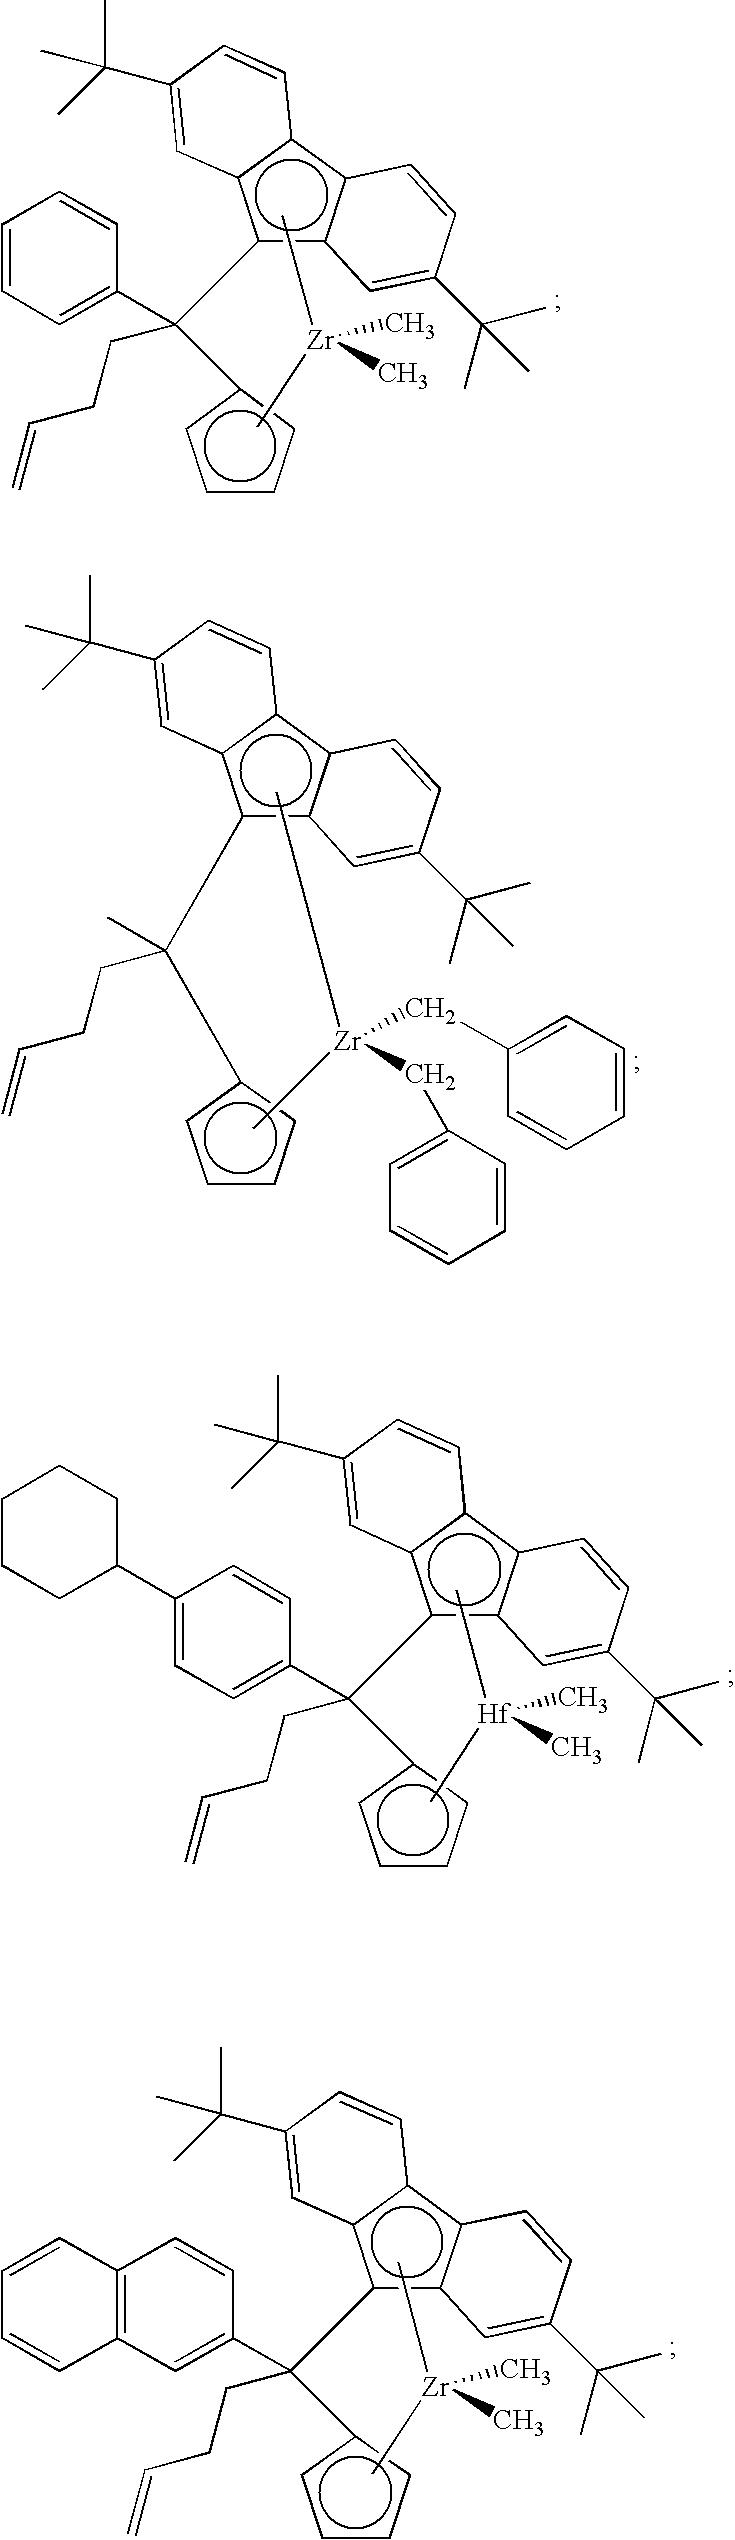 Figure US07884163-20110208-C00007